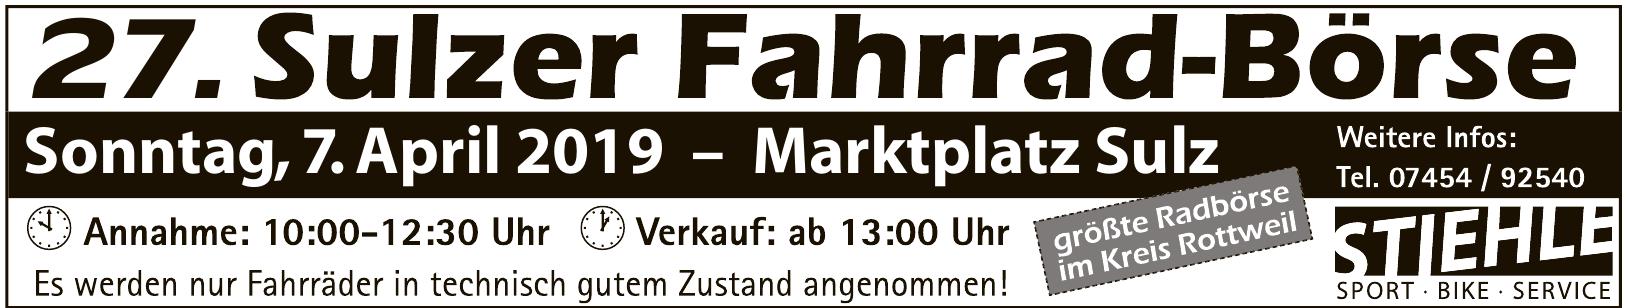 27. Sulzer Fahrrad-Börse